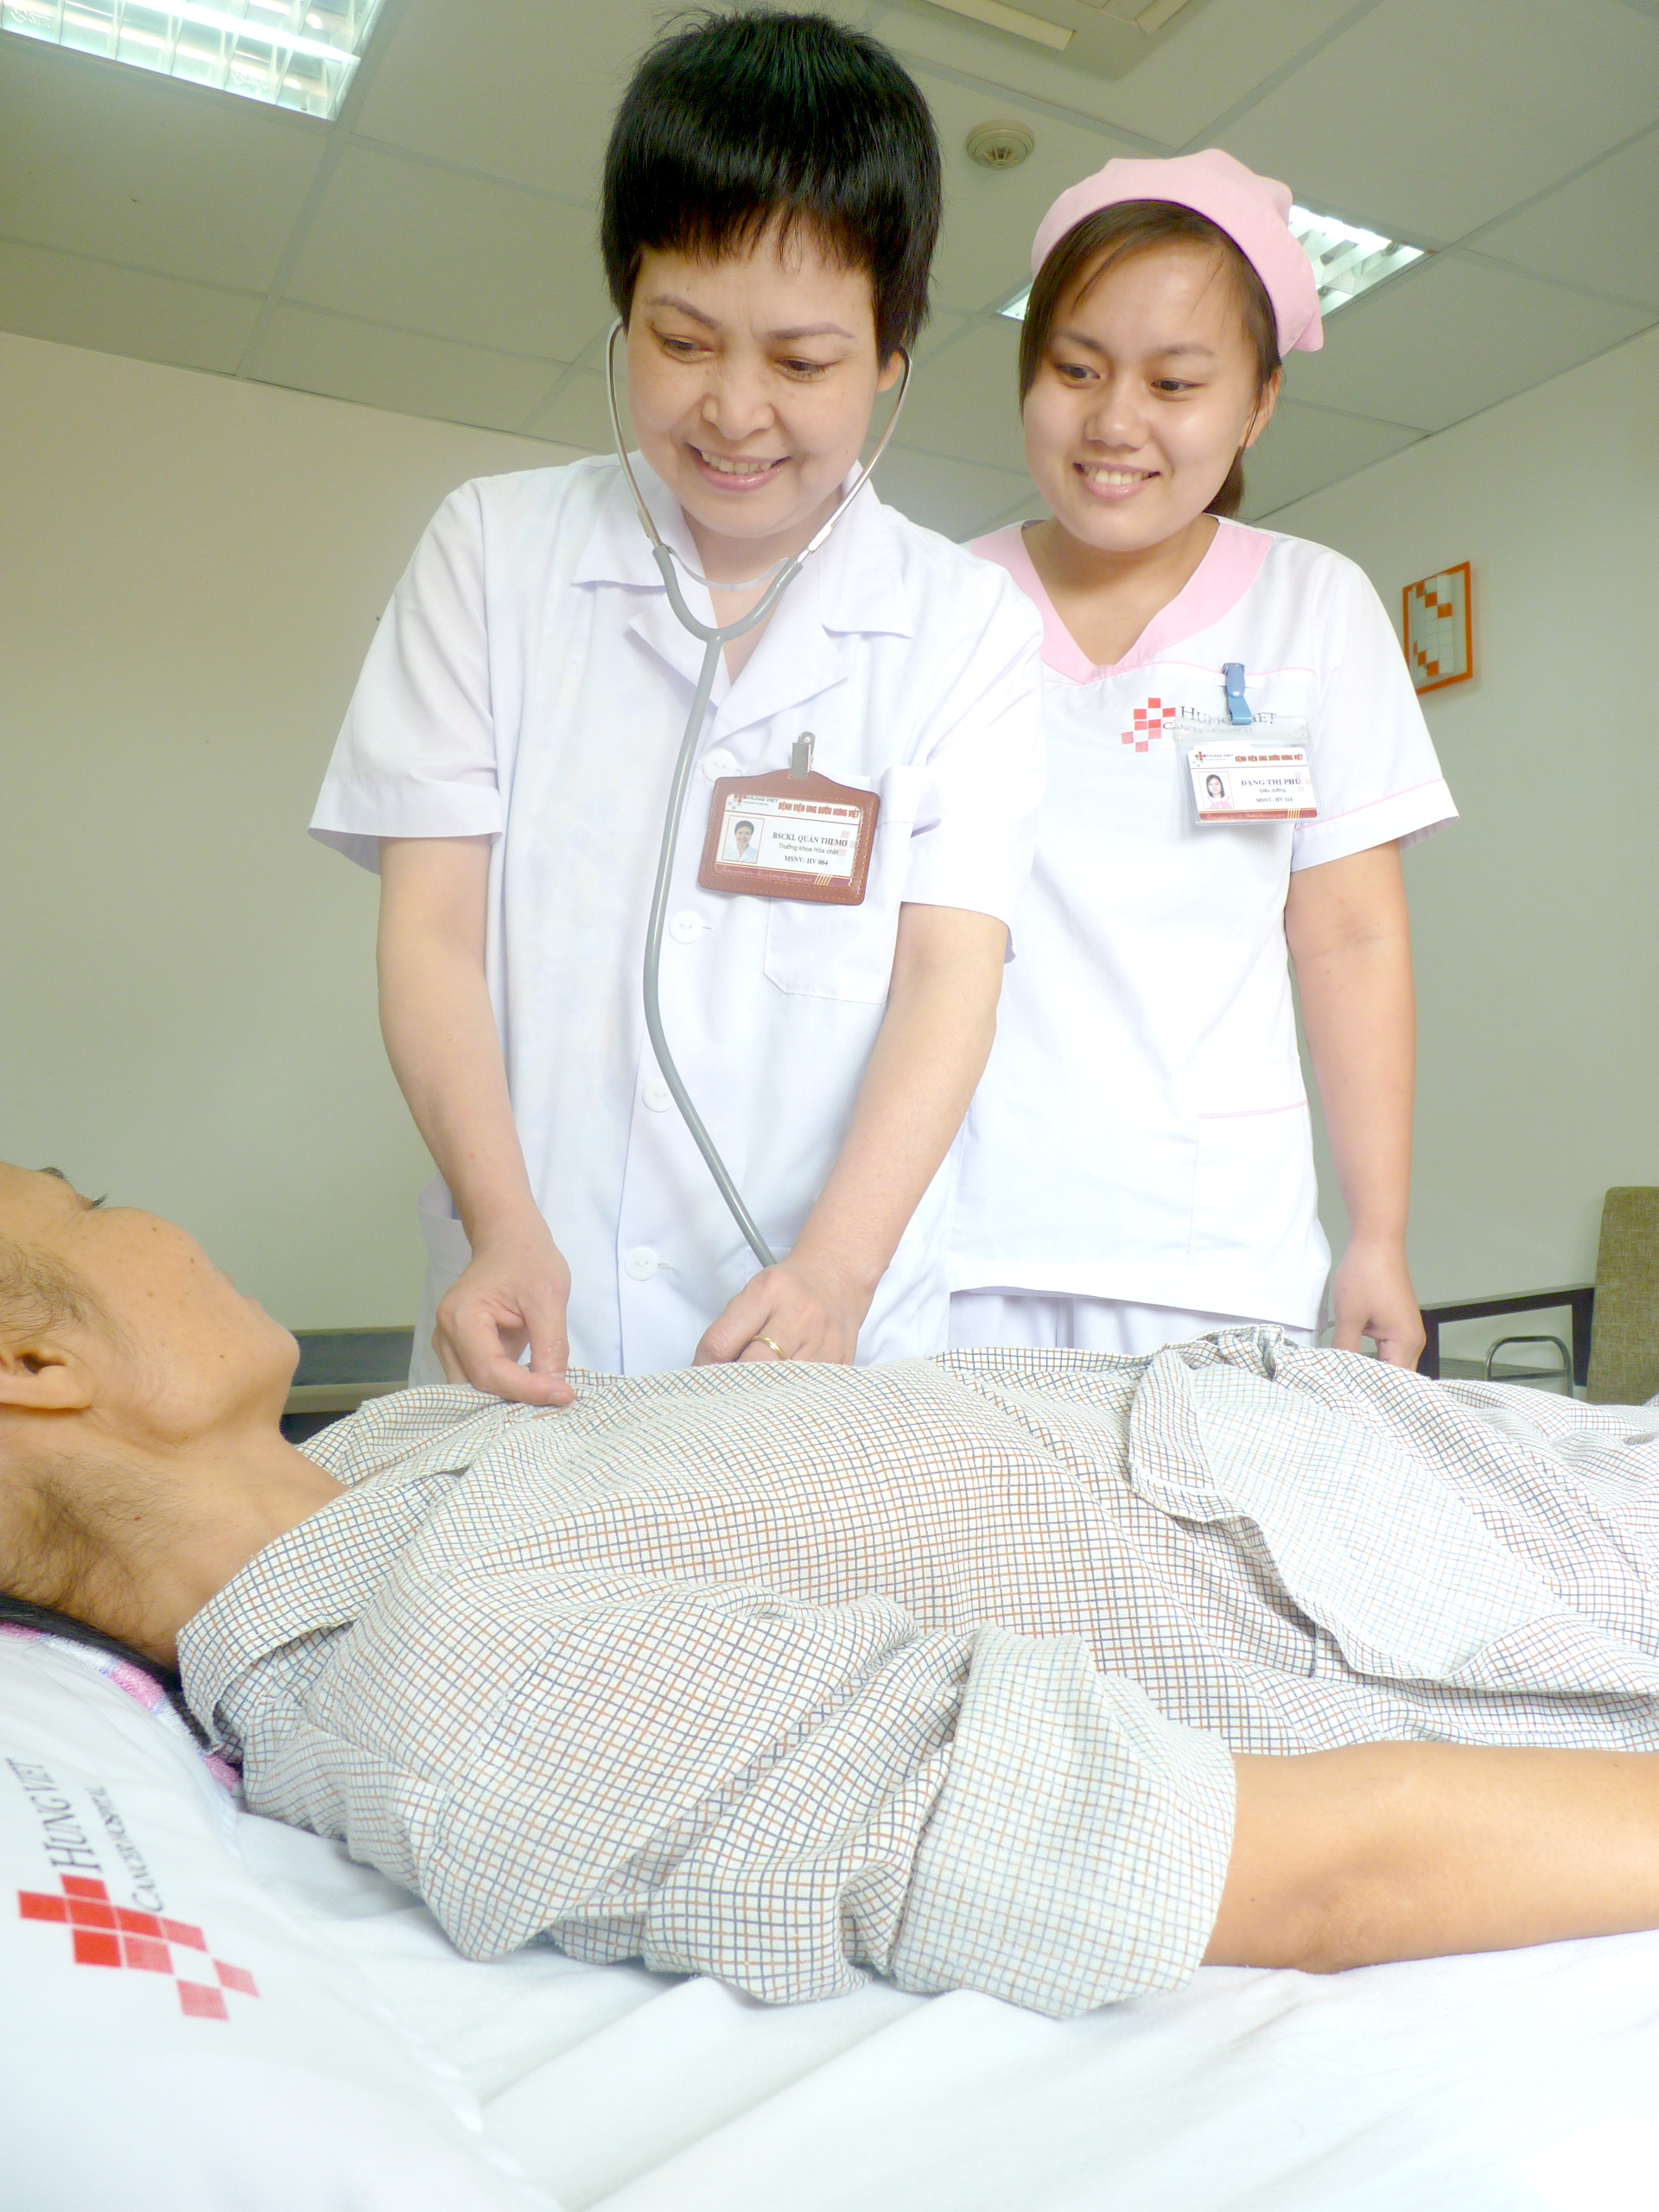 Bs Quản Thị Mơ – Trưởng khoa Hóa chất Bệnh viện Ung bướu Hưng Việt đang khám và tư vấn cho bệnh nhân ung thư điều trị tại viện.